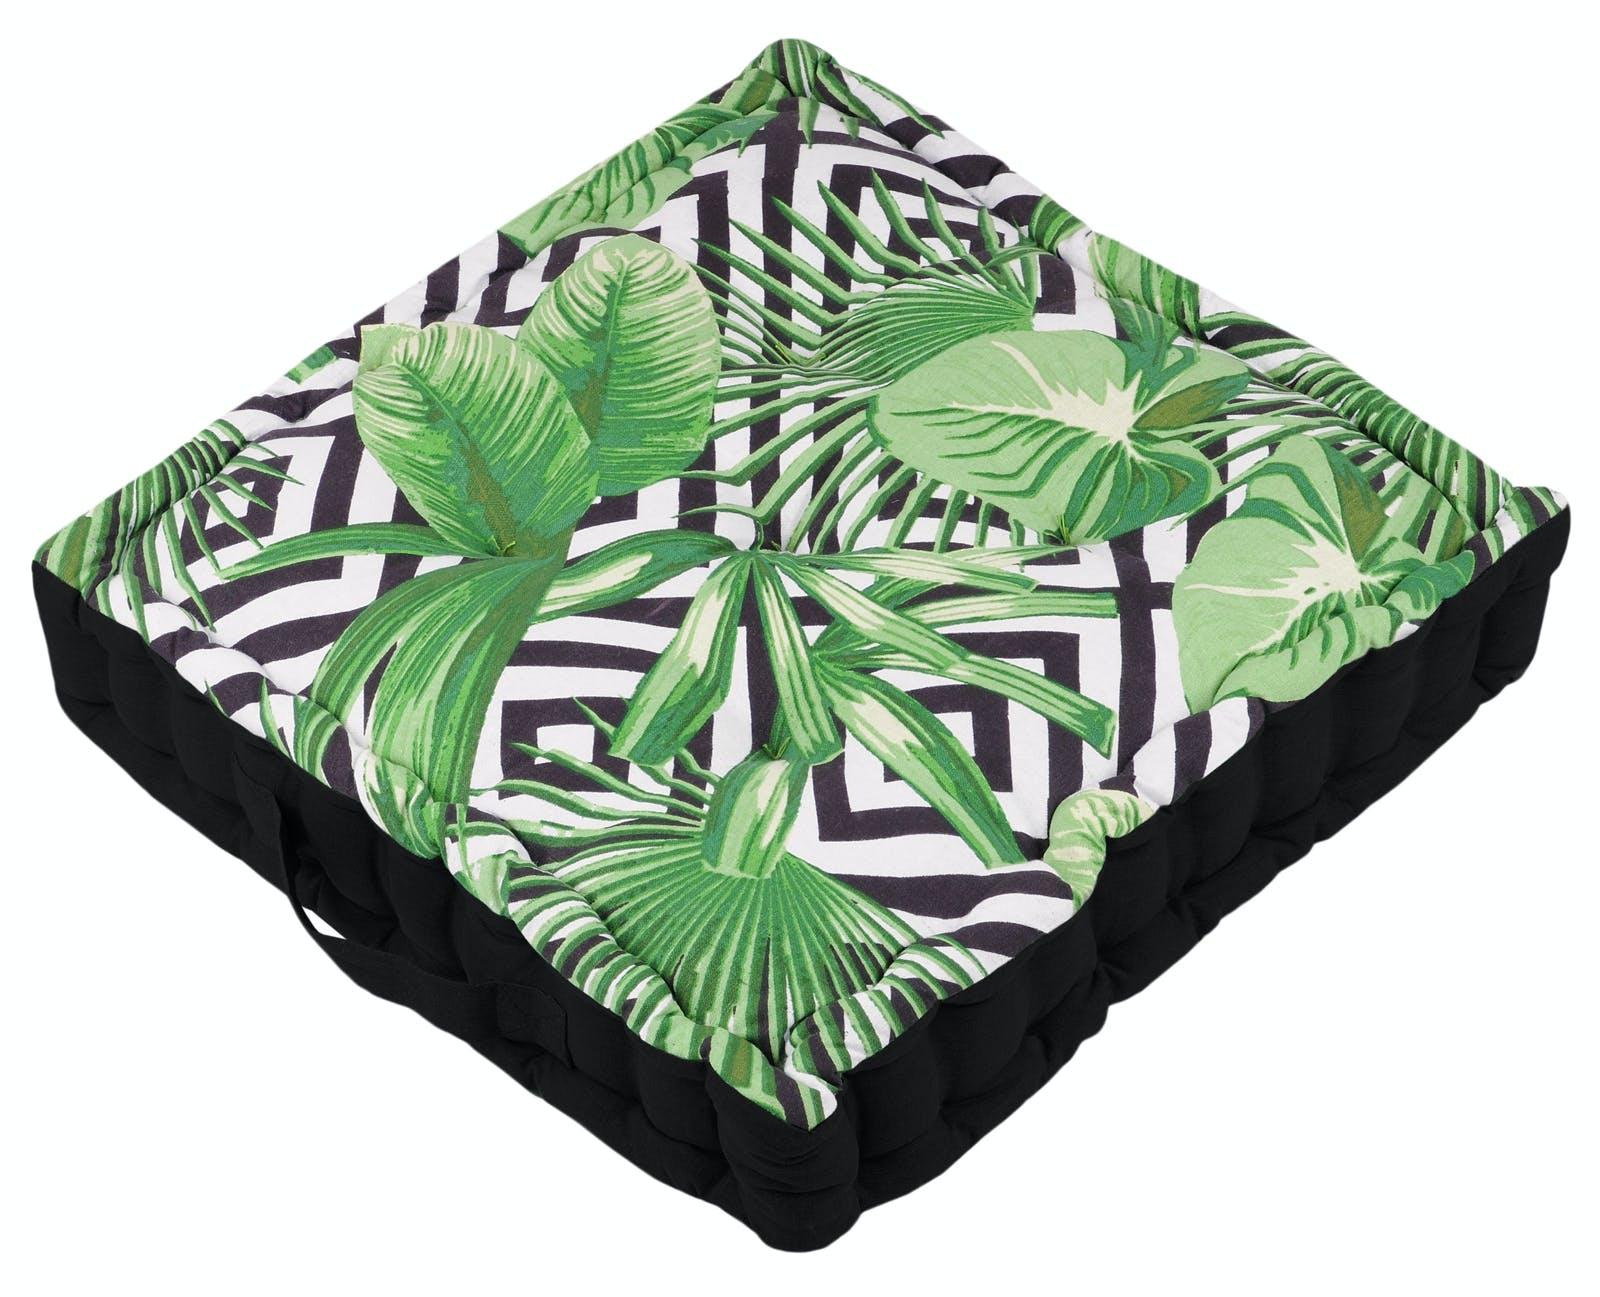 Coussin de sol noir et blanc décor feuillage vert 45x45x10cm ZAPOTEC